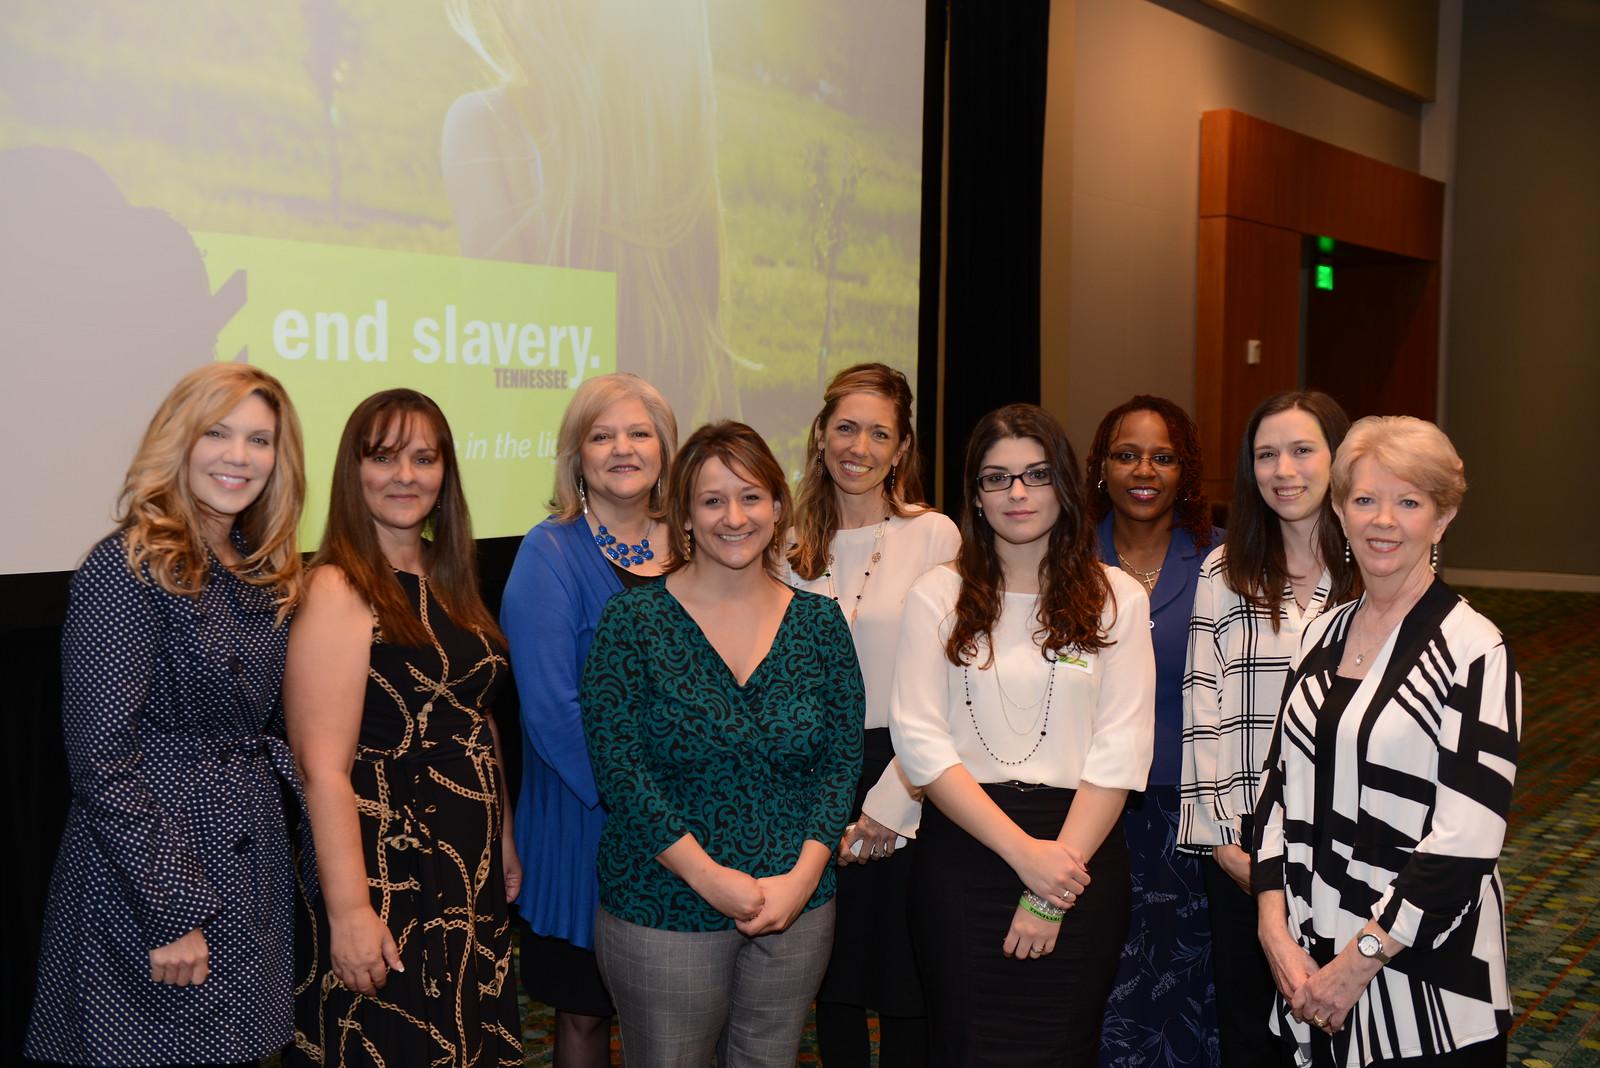 ESTN staff with Alison Krauss. Pictured from left to right: (back row)Alison Kruass, Shelia McClain, Derri Smith, Ondrea Johnson, Yvette White (front row) Jennifer Settle, Laura Courtney, Angela Shofner, Karen Karpinski